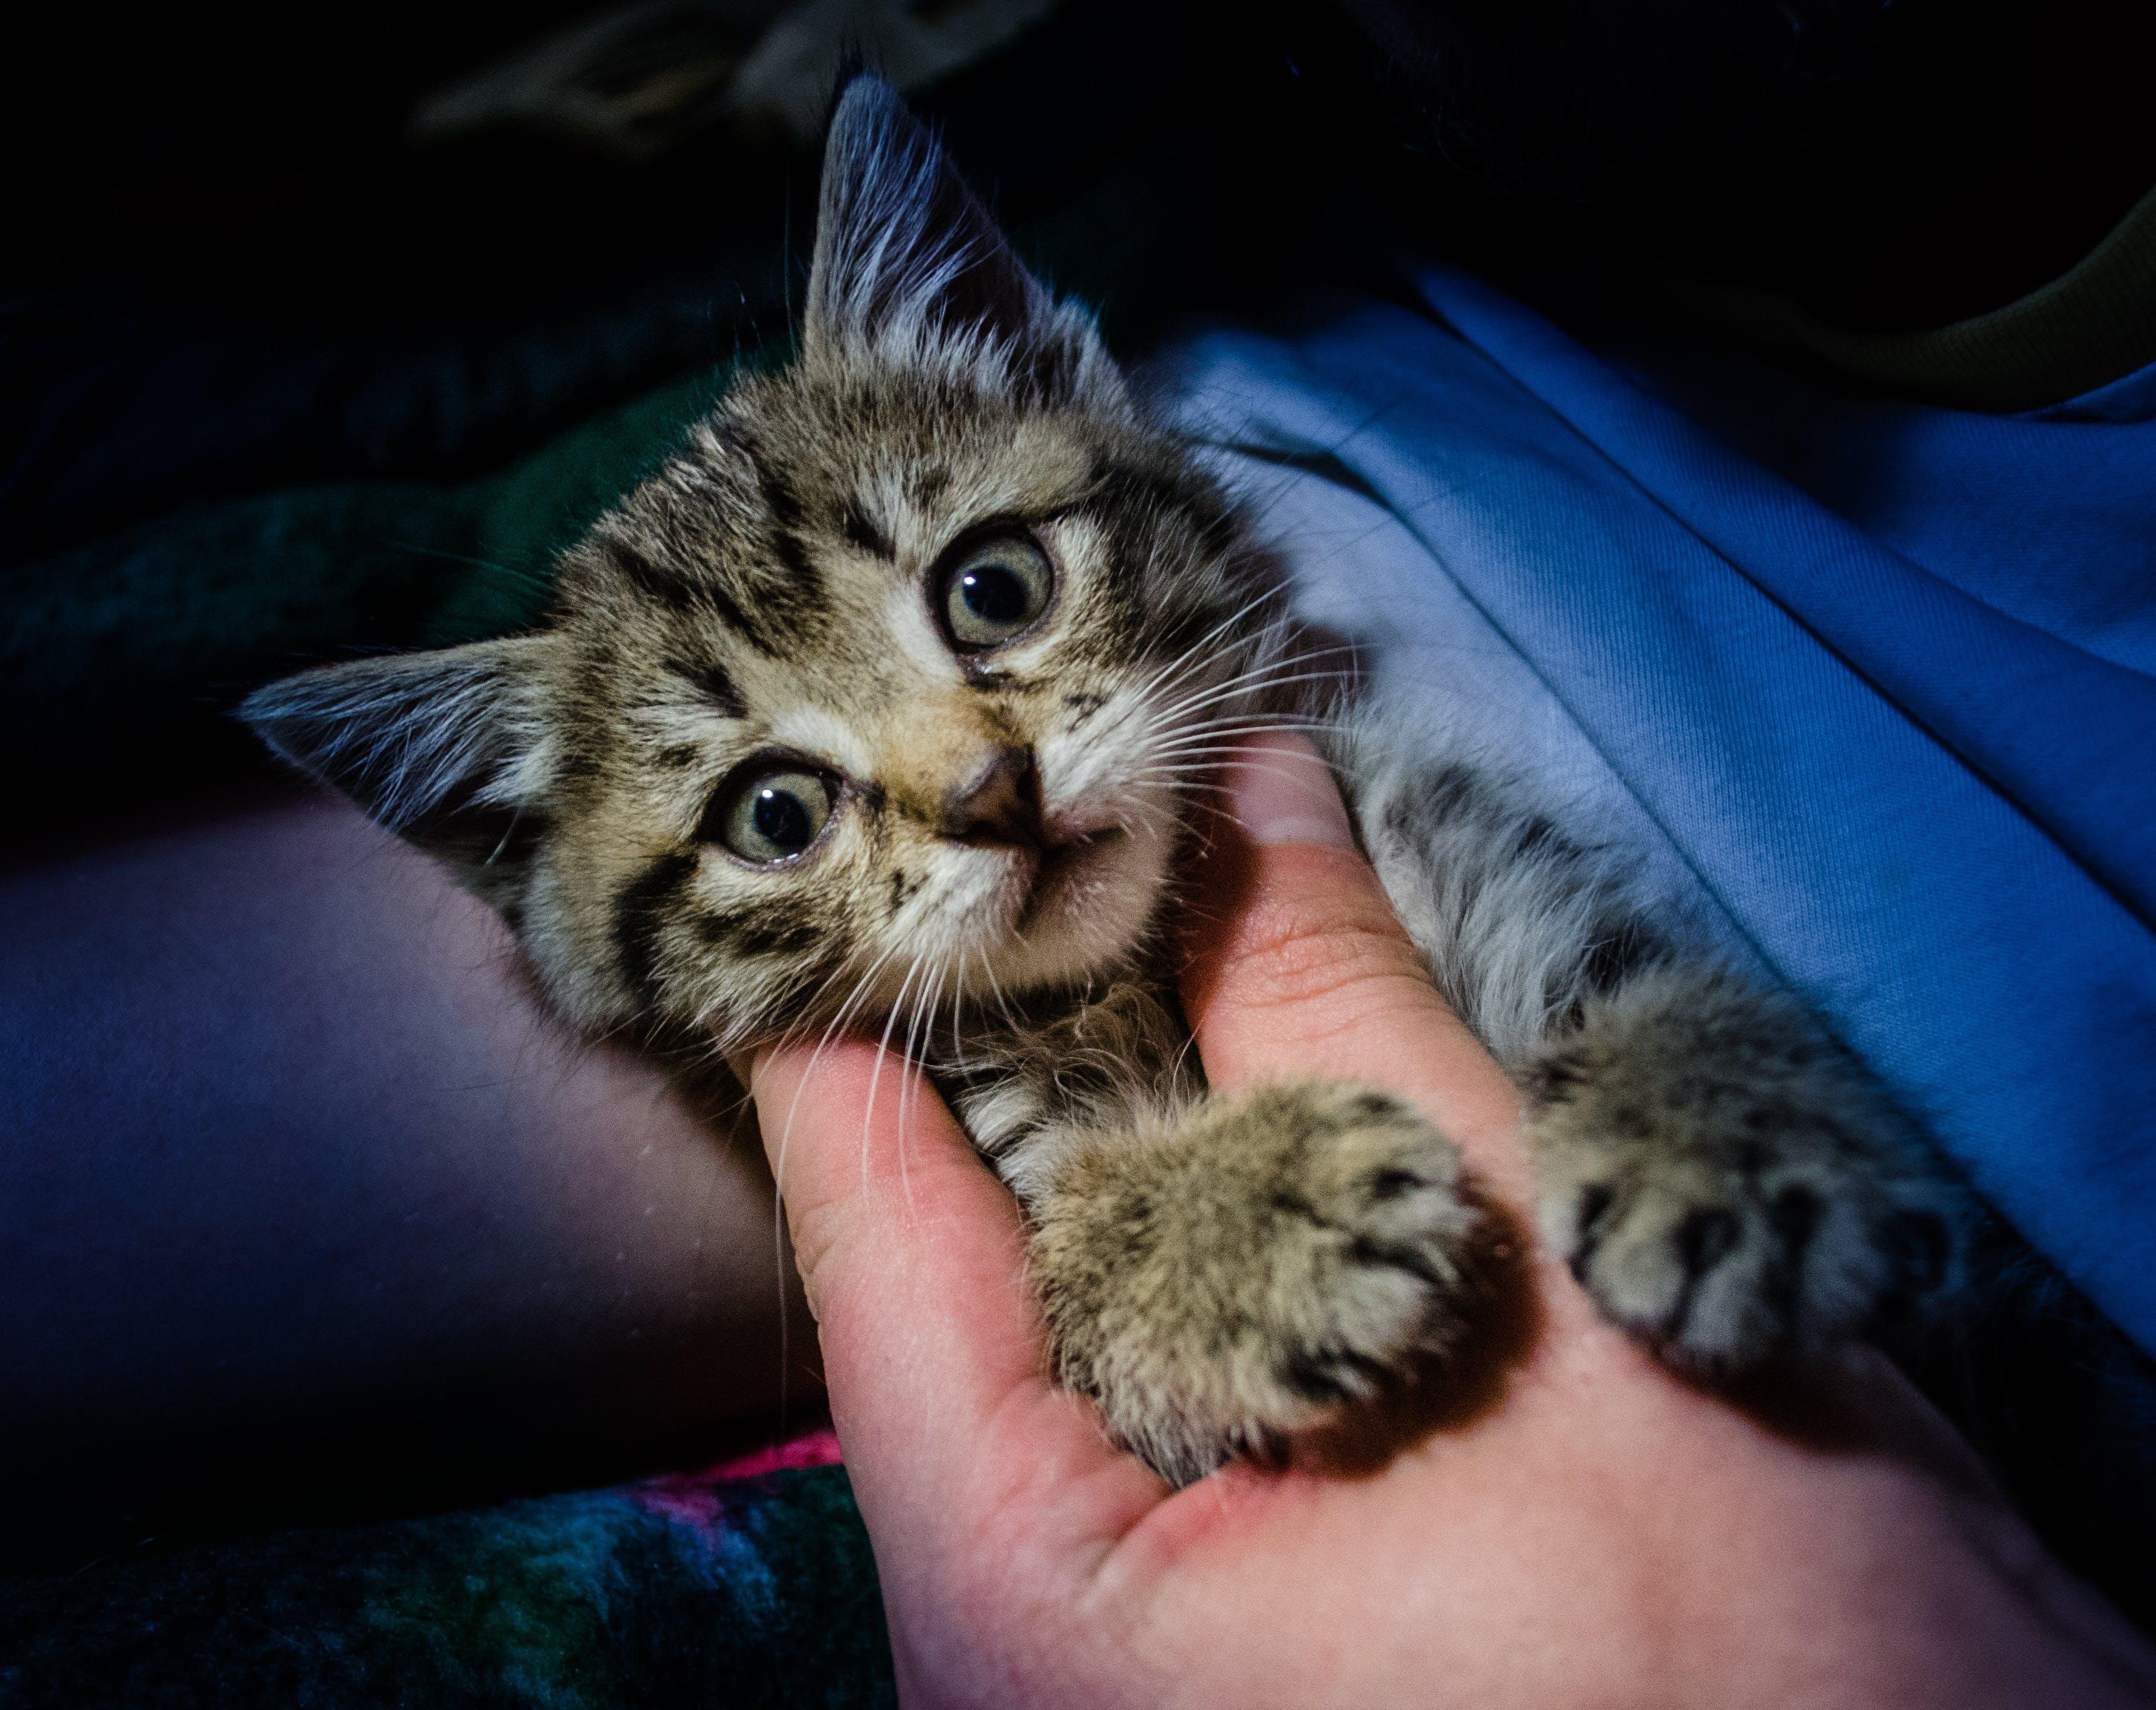 가정의, 고양잇과 동물, 귀여운, 눈의 무료 스톡 사진